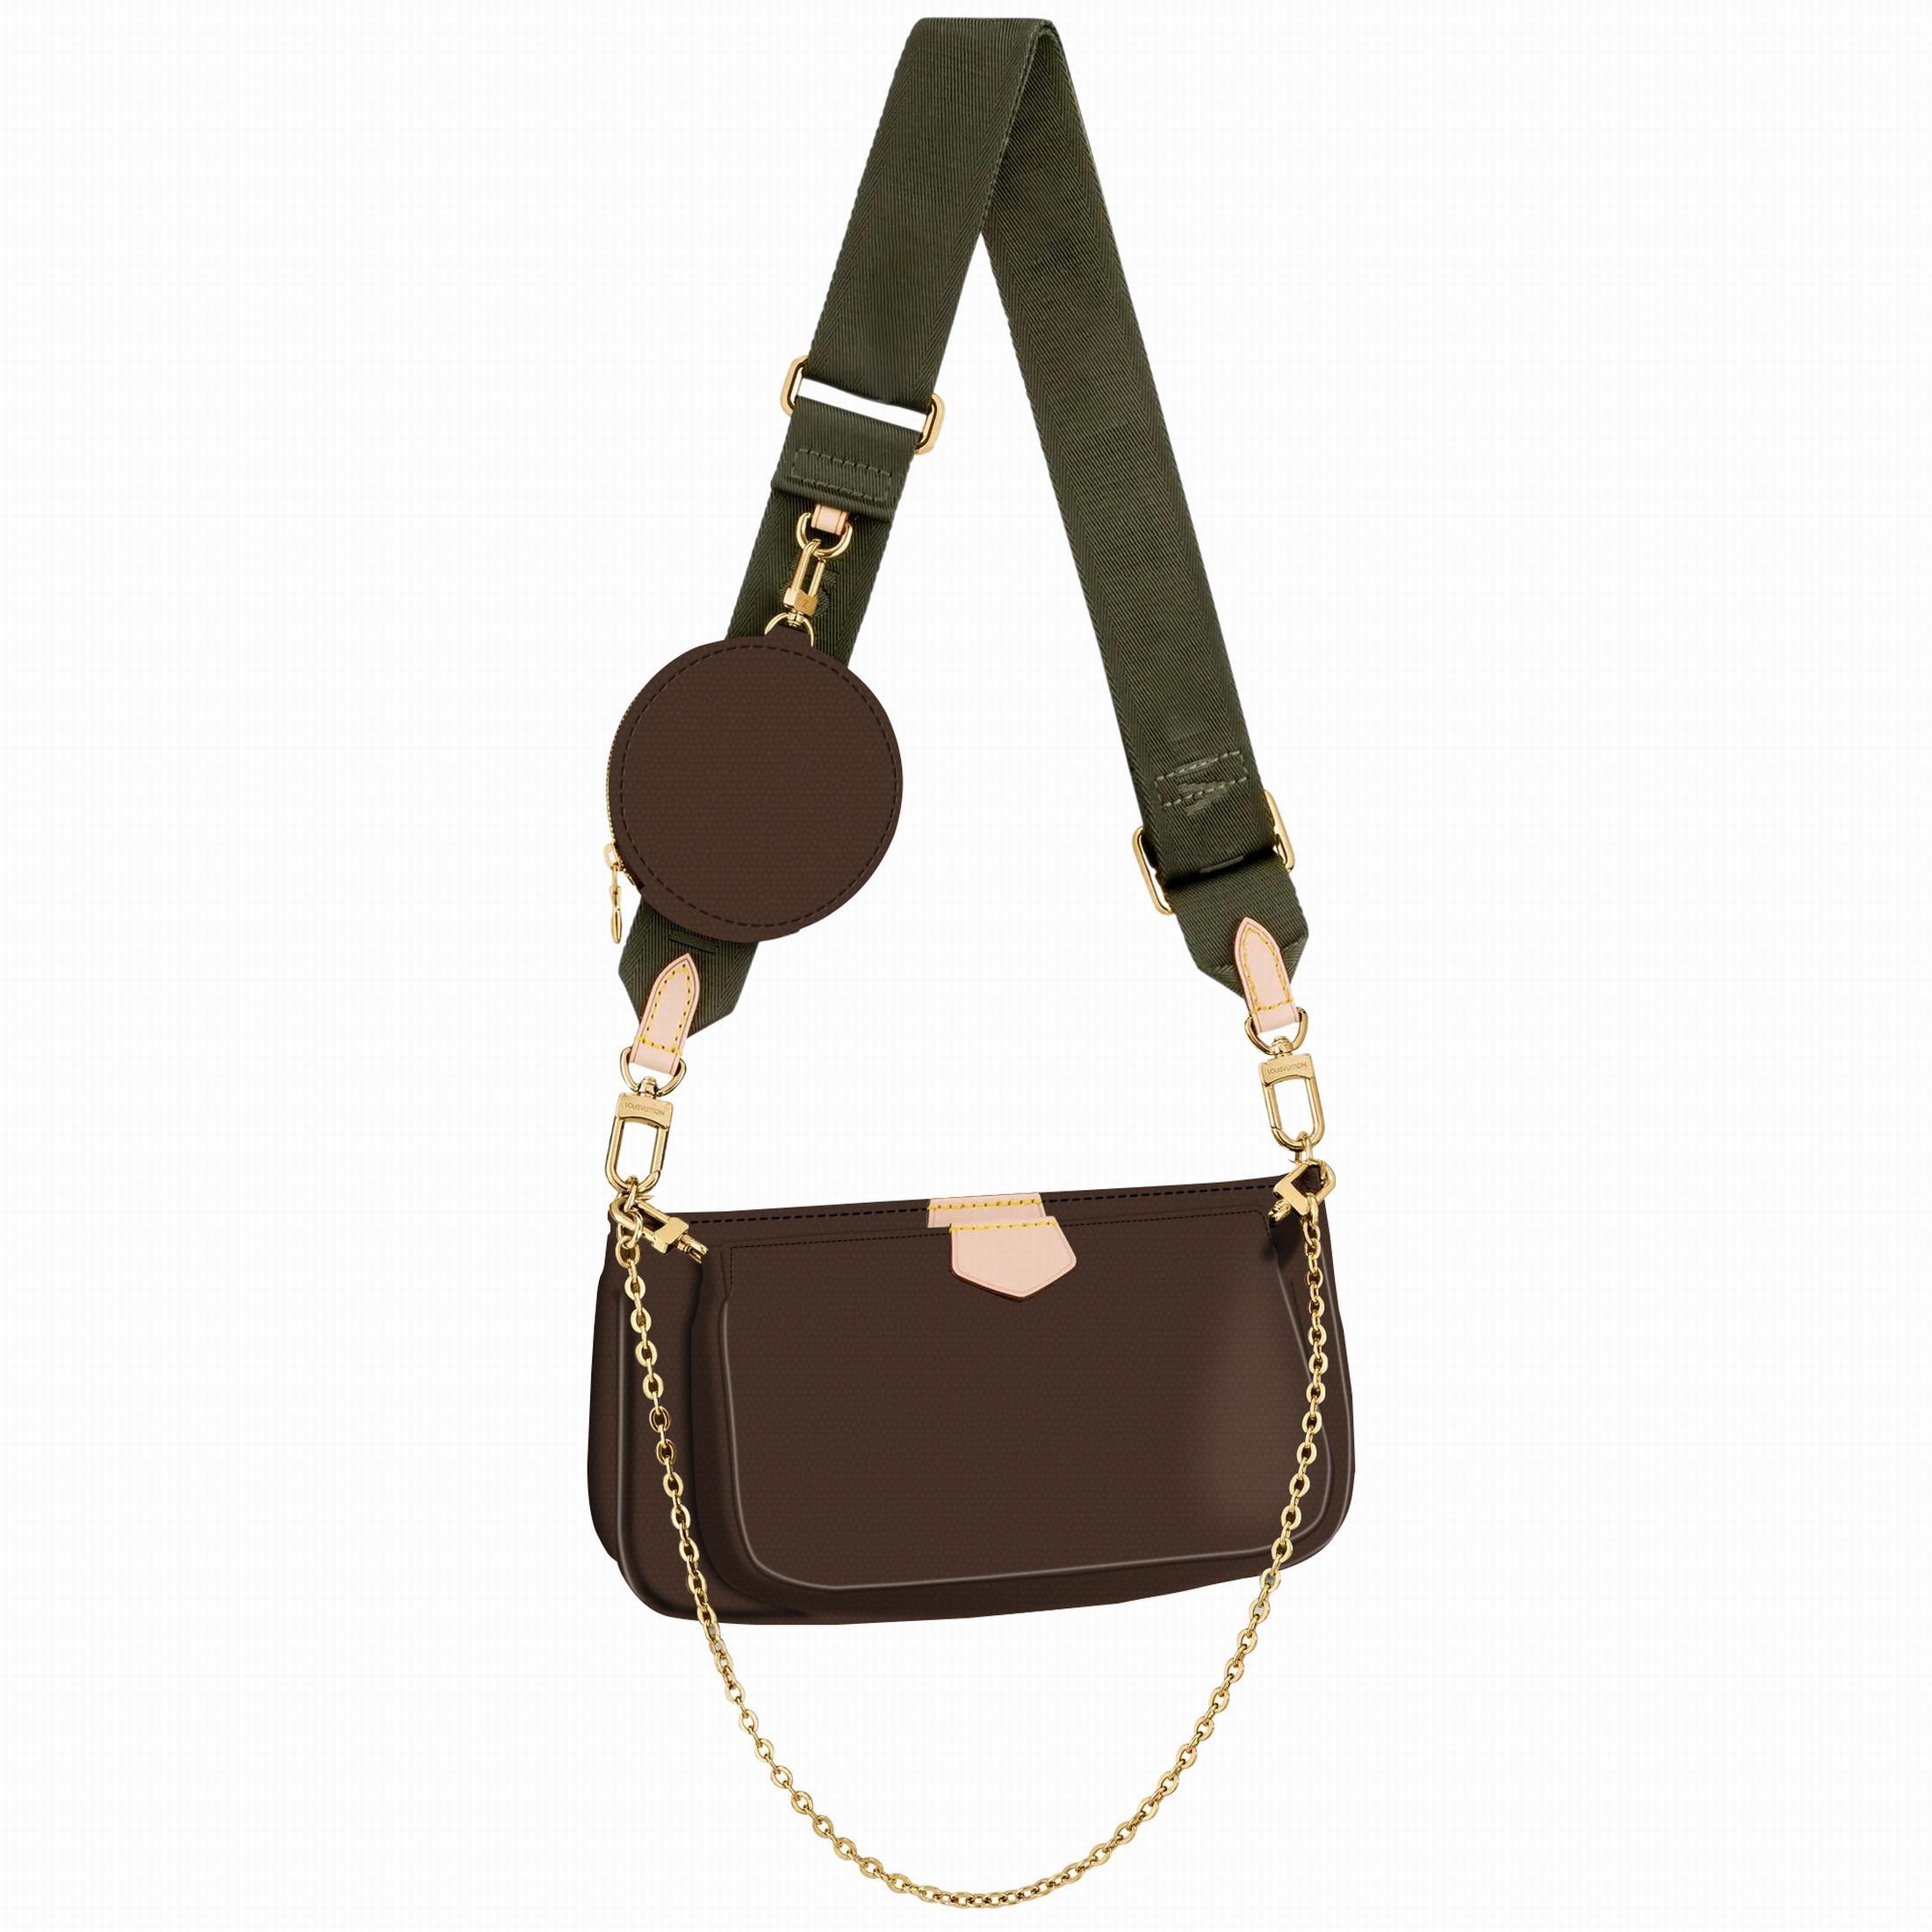 M44813 Bolso bolso bolso de hombro diseñador combinado bolsas de teléfono bolsa de moda bolso de tres piezas Venta de billetera gratis Compras gratuitas XXINA